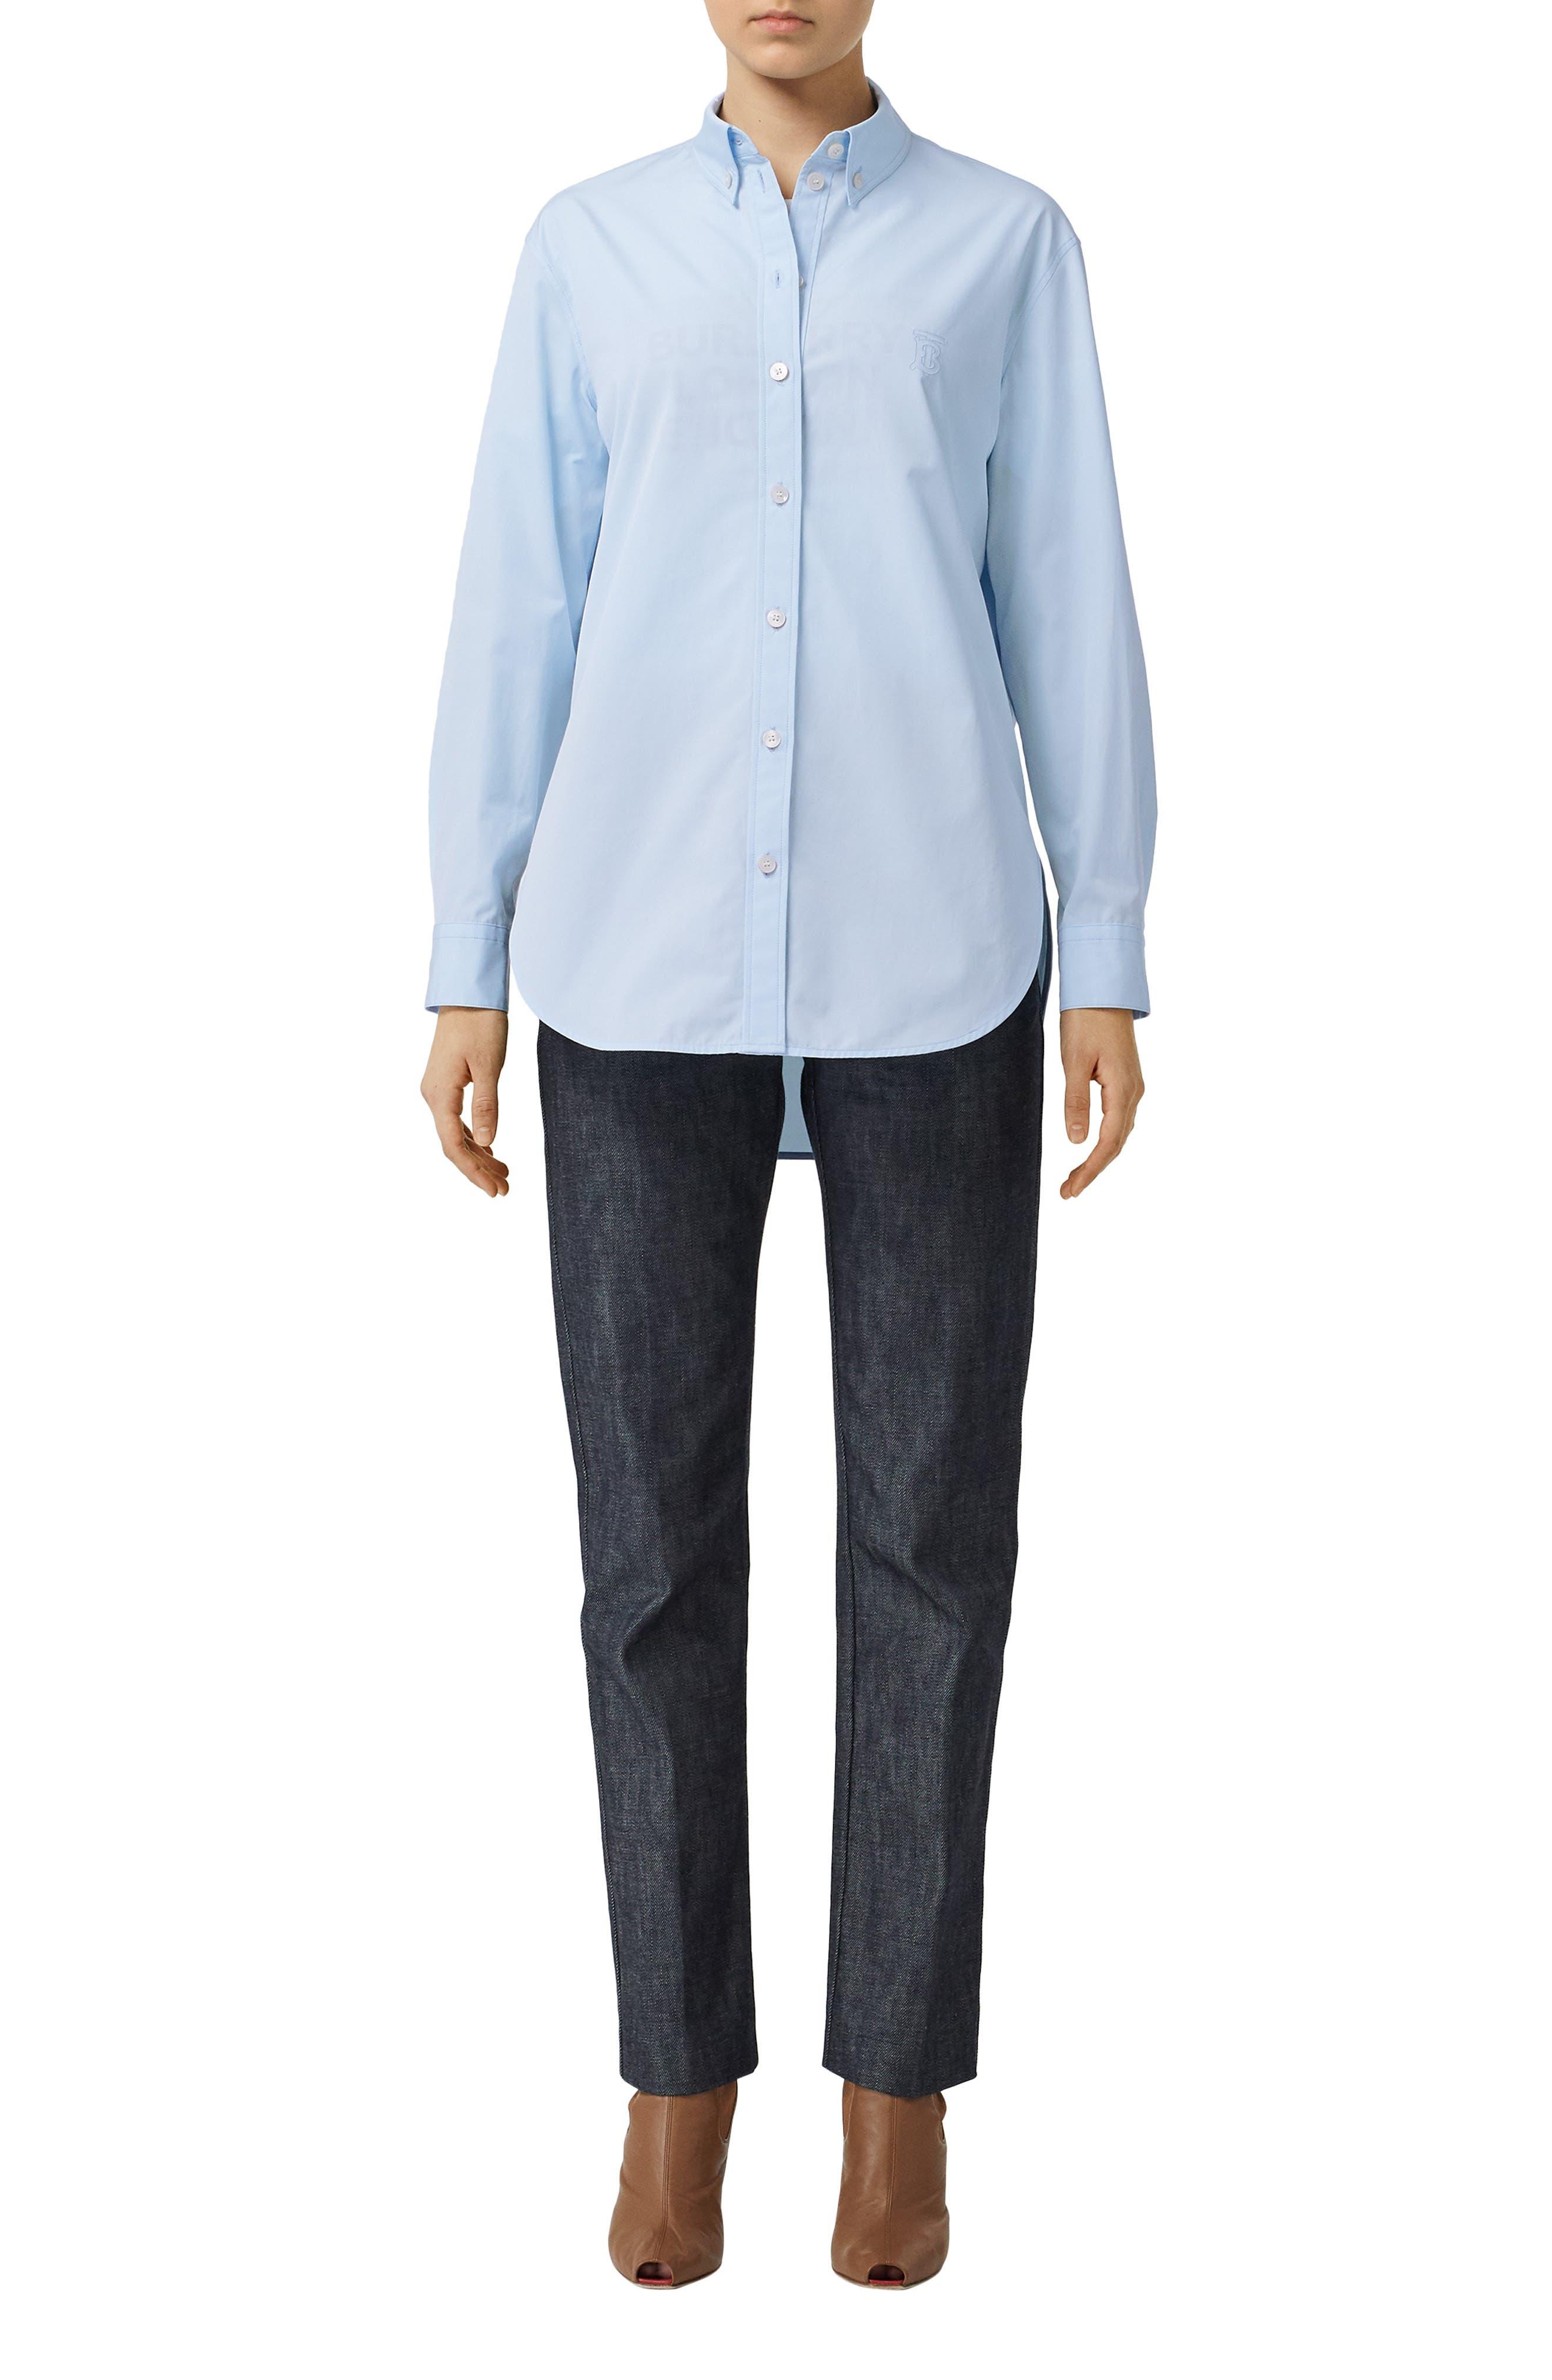 BURBERRY, Monogram Regular Fit Cotton Shirt, Main thumbnail 1, color, PALE BLUE